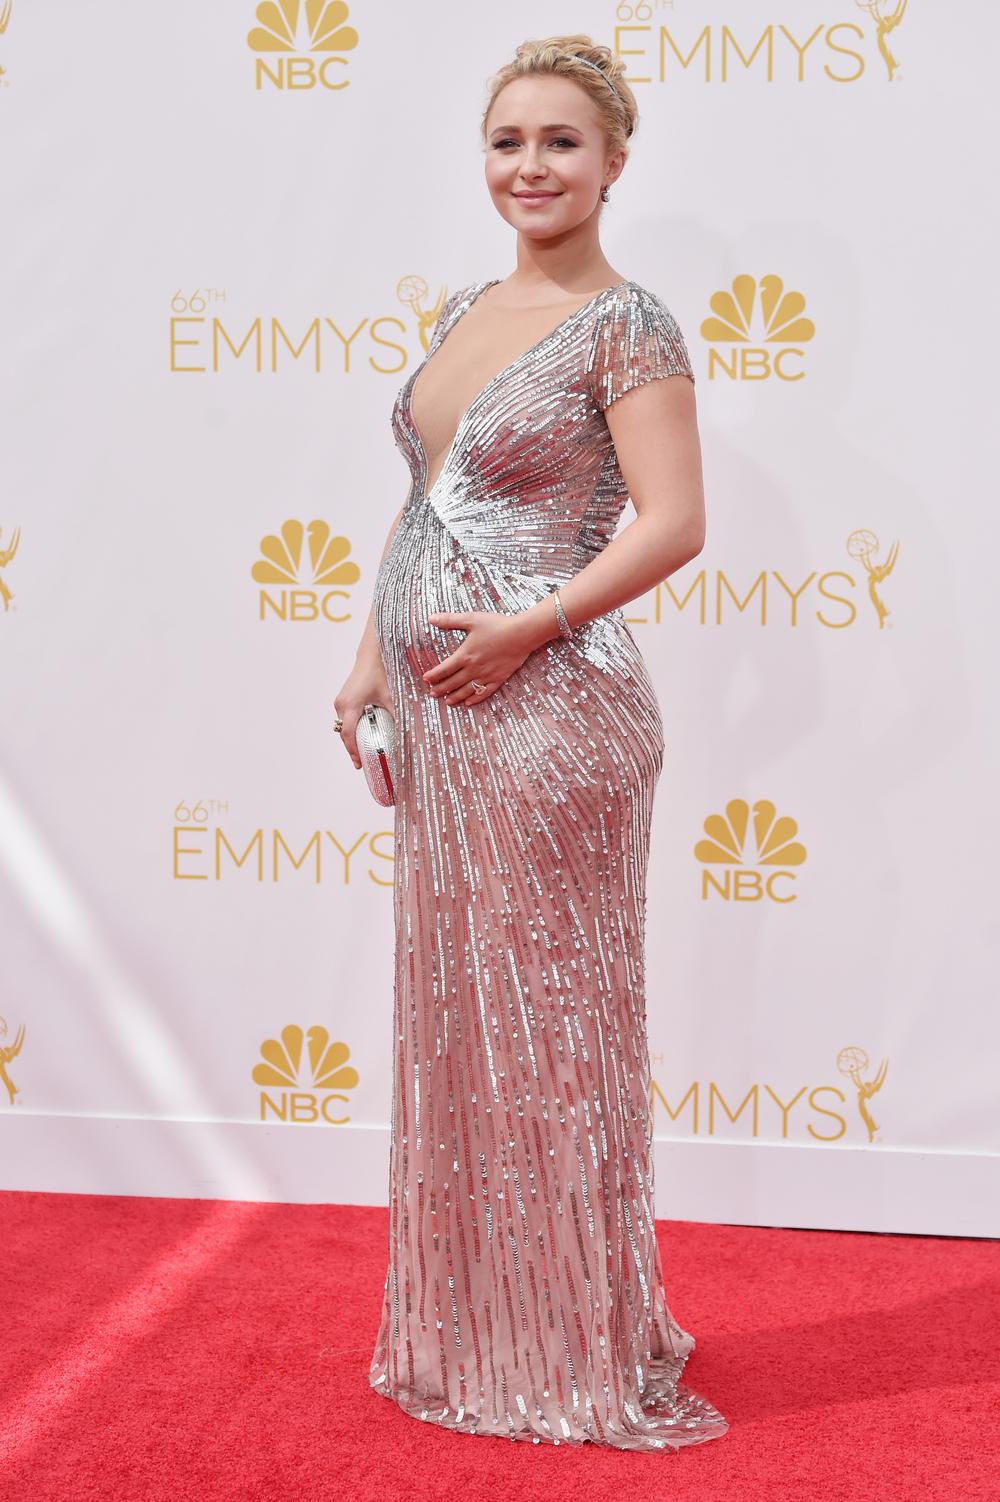 Pregnant Hayden Panettiere Reveals Baby's Gender, Flaunts Baby Bump (VIDEO)